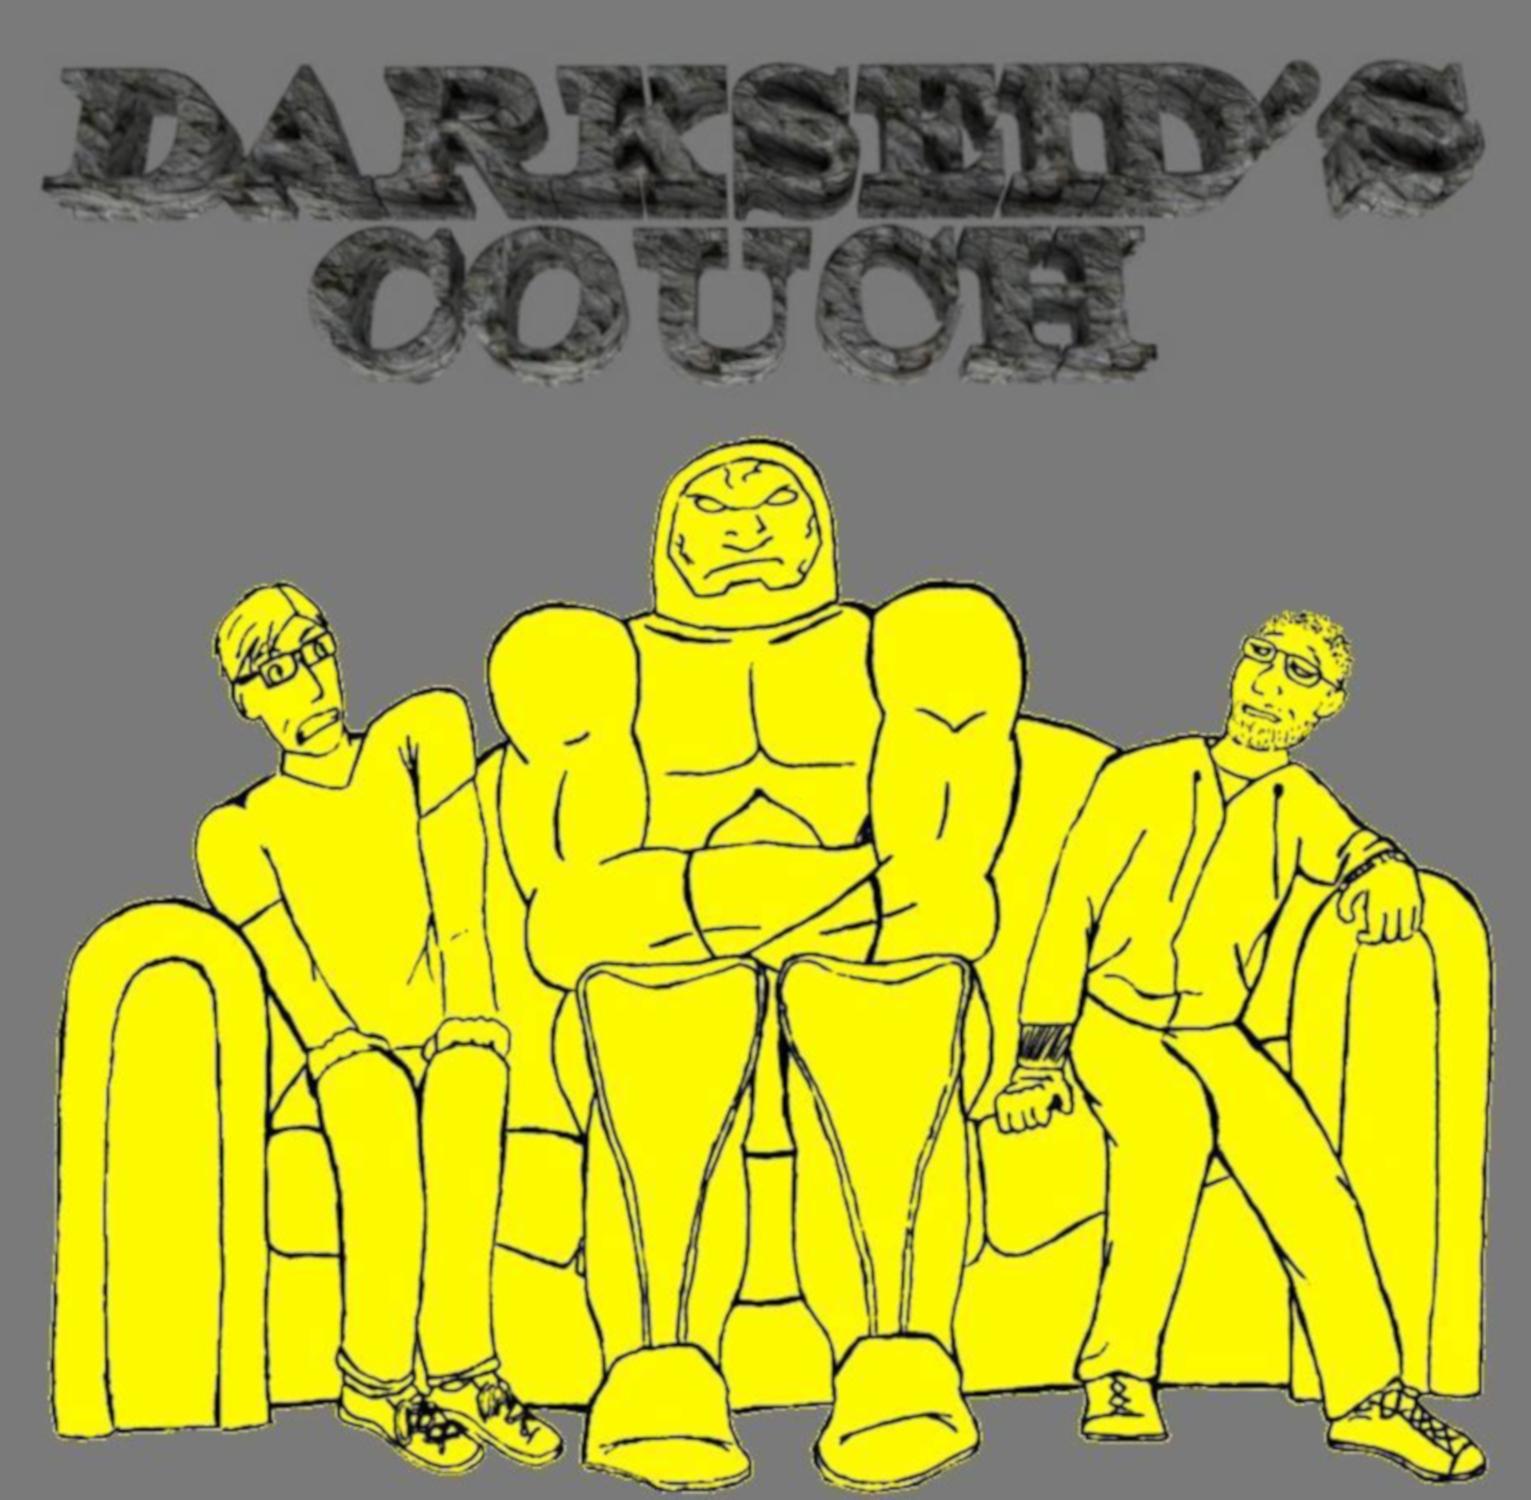 Darkseid's Couch